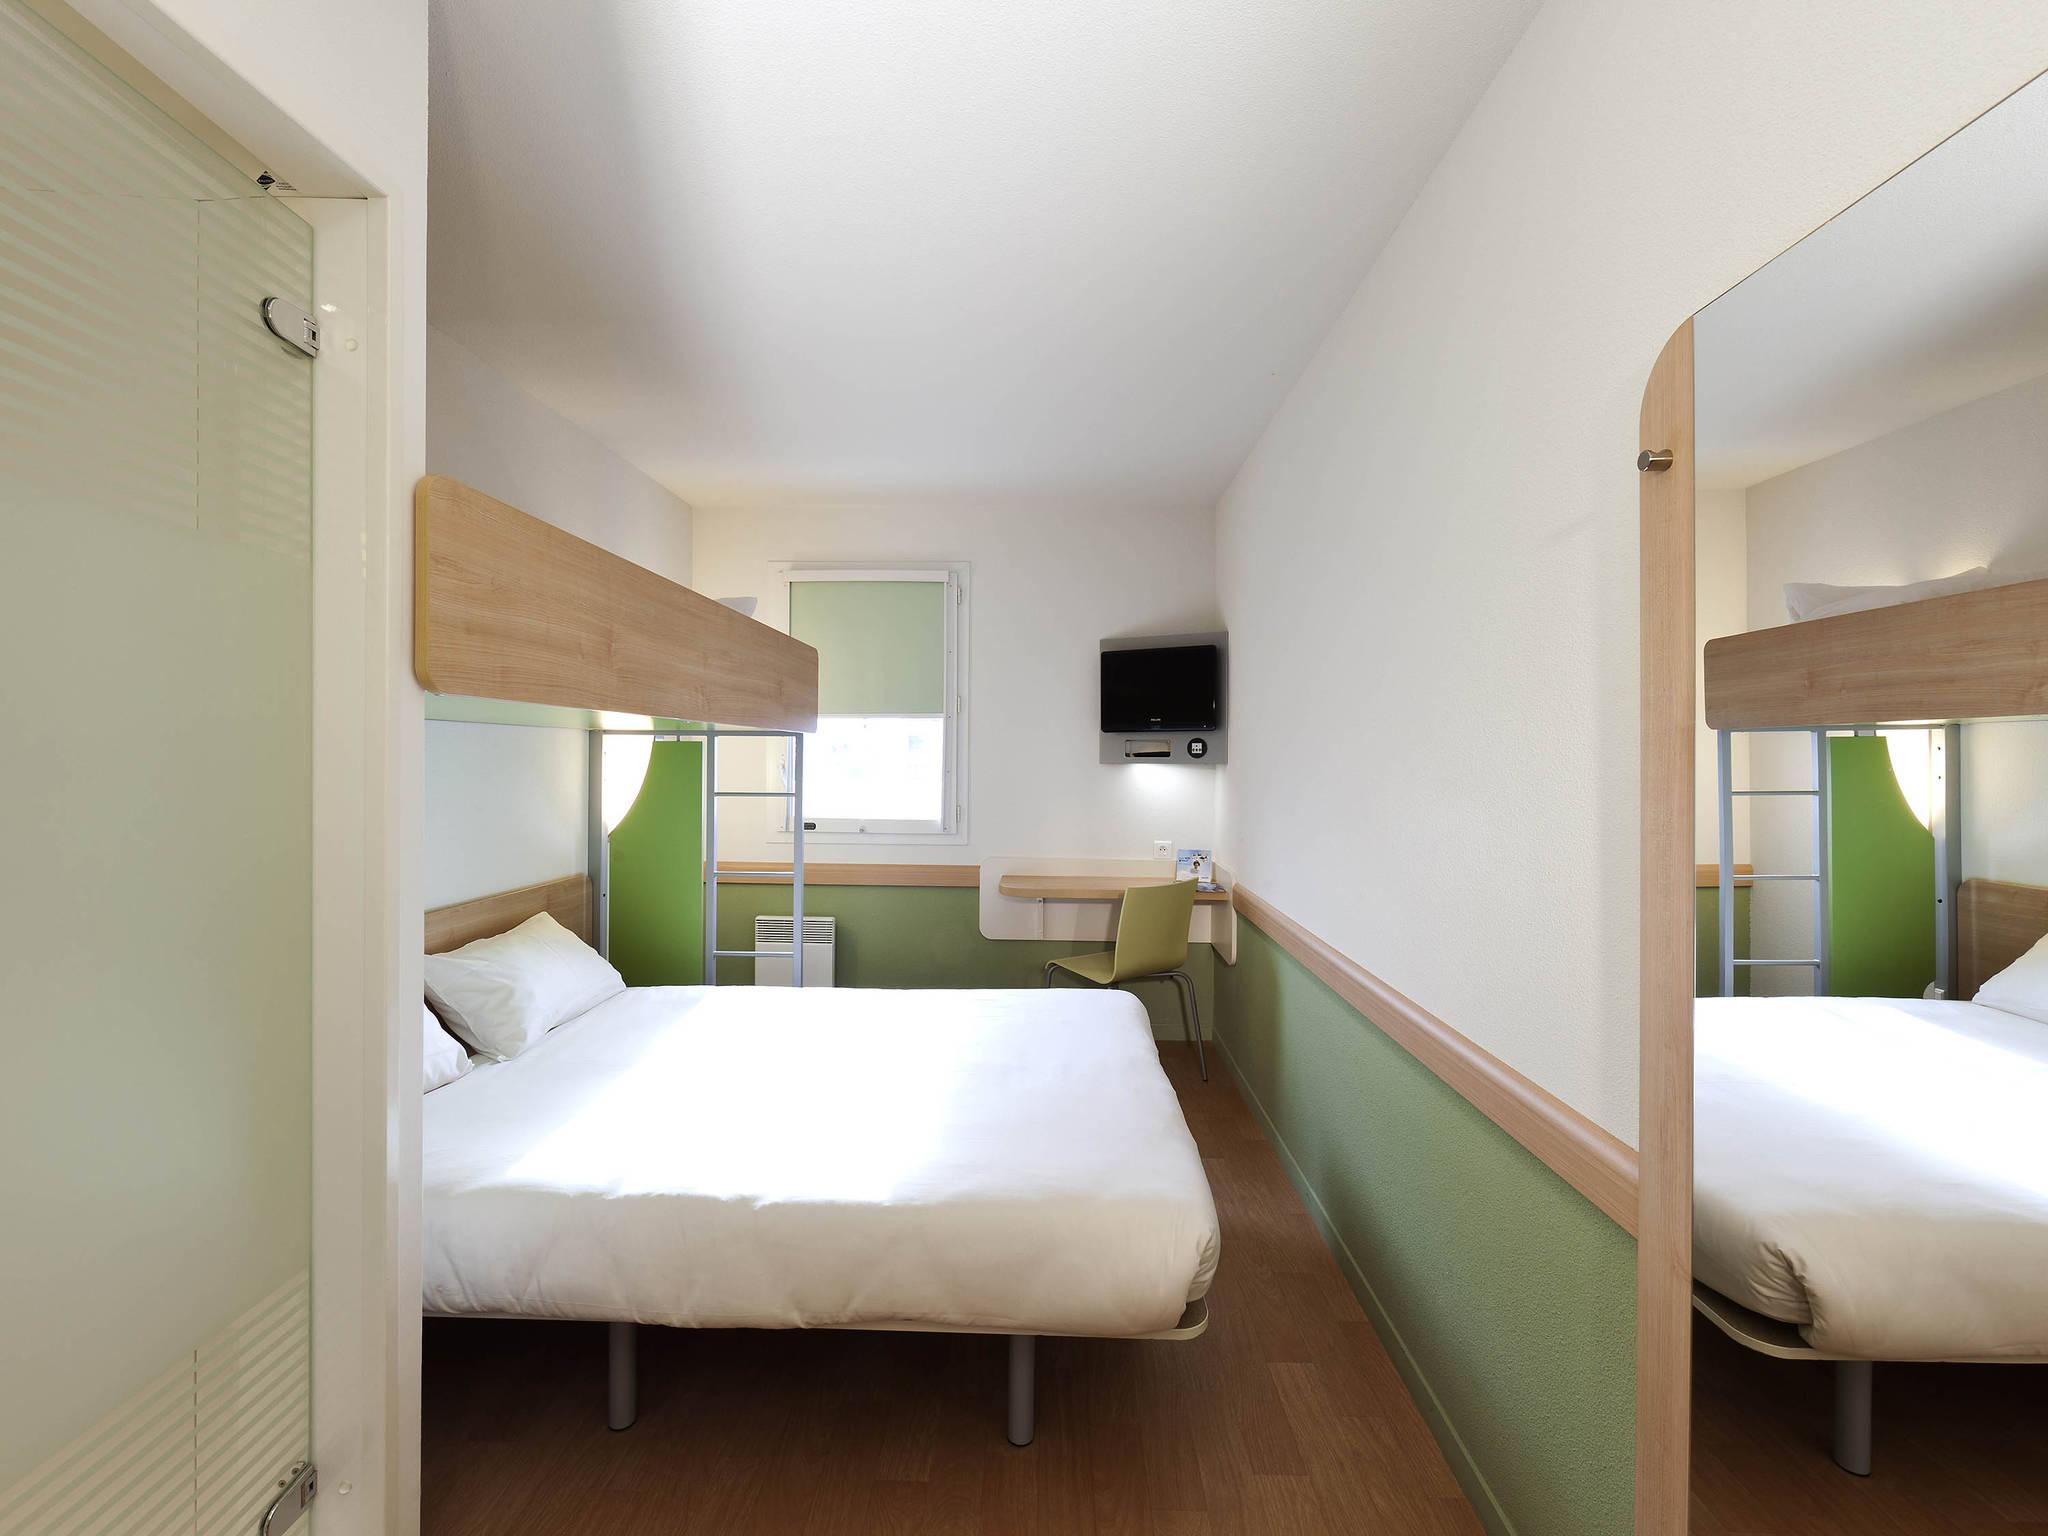 Ibis Hotel Mantes La Jolie